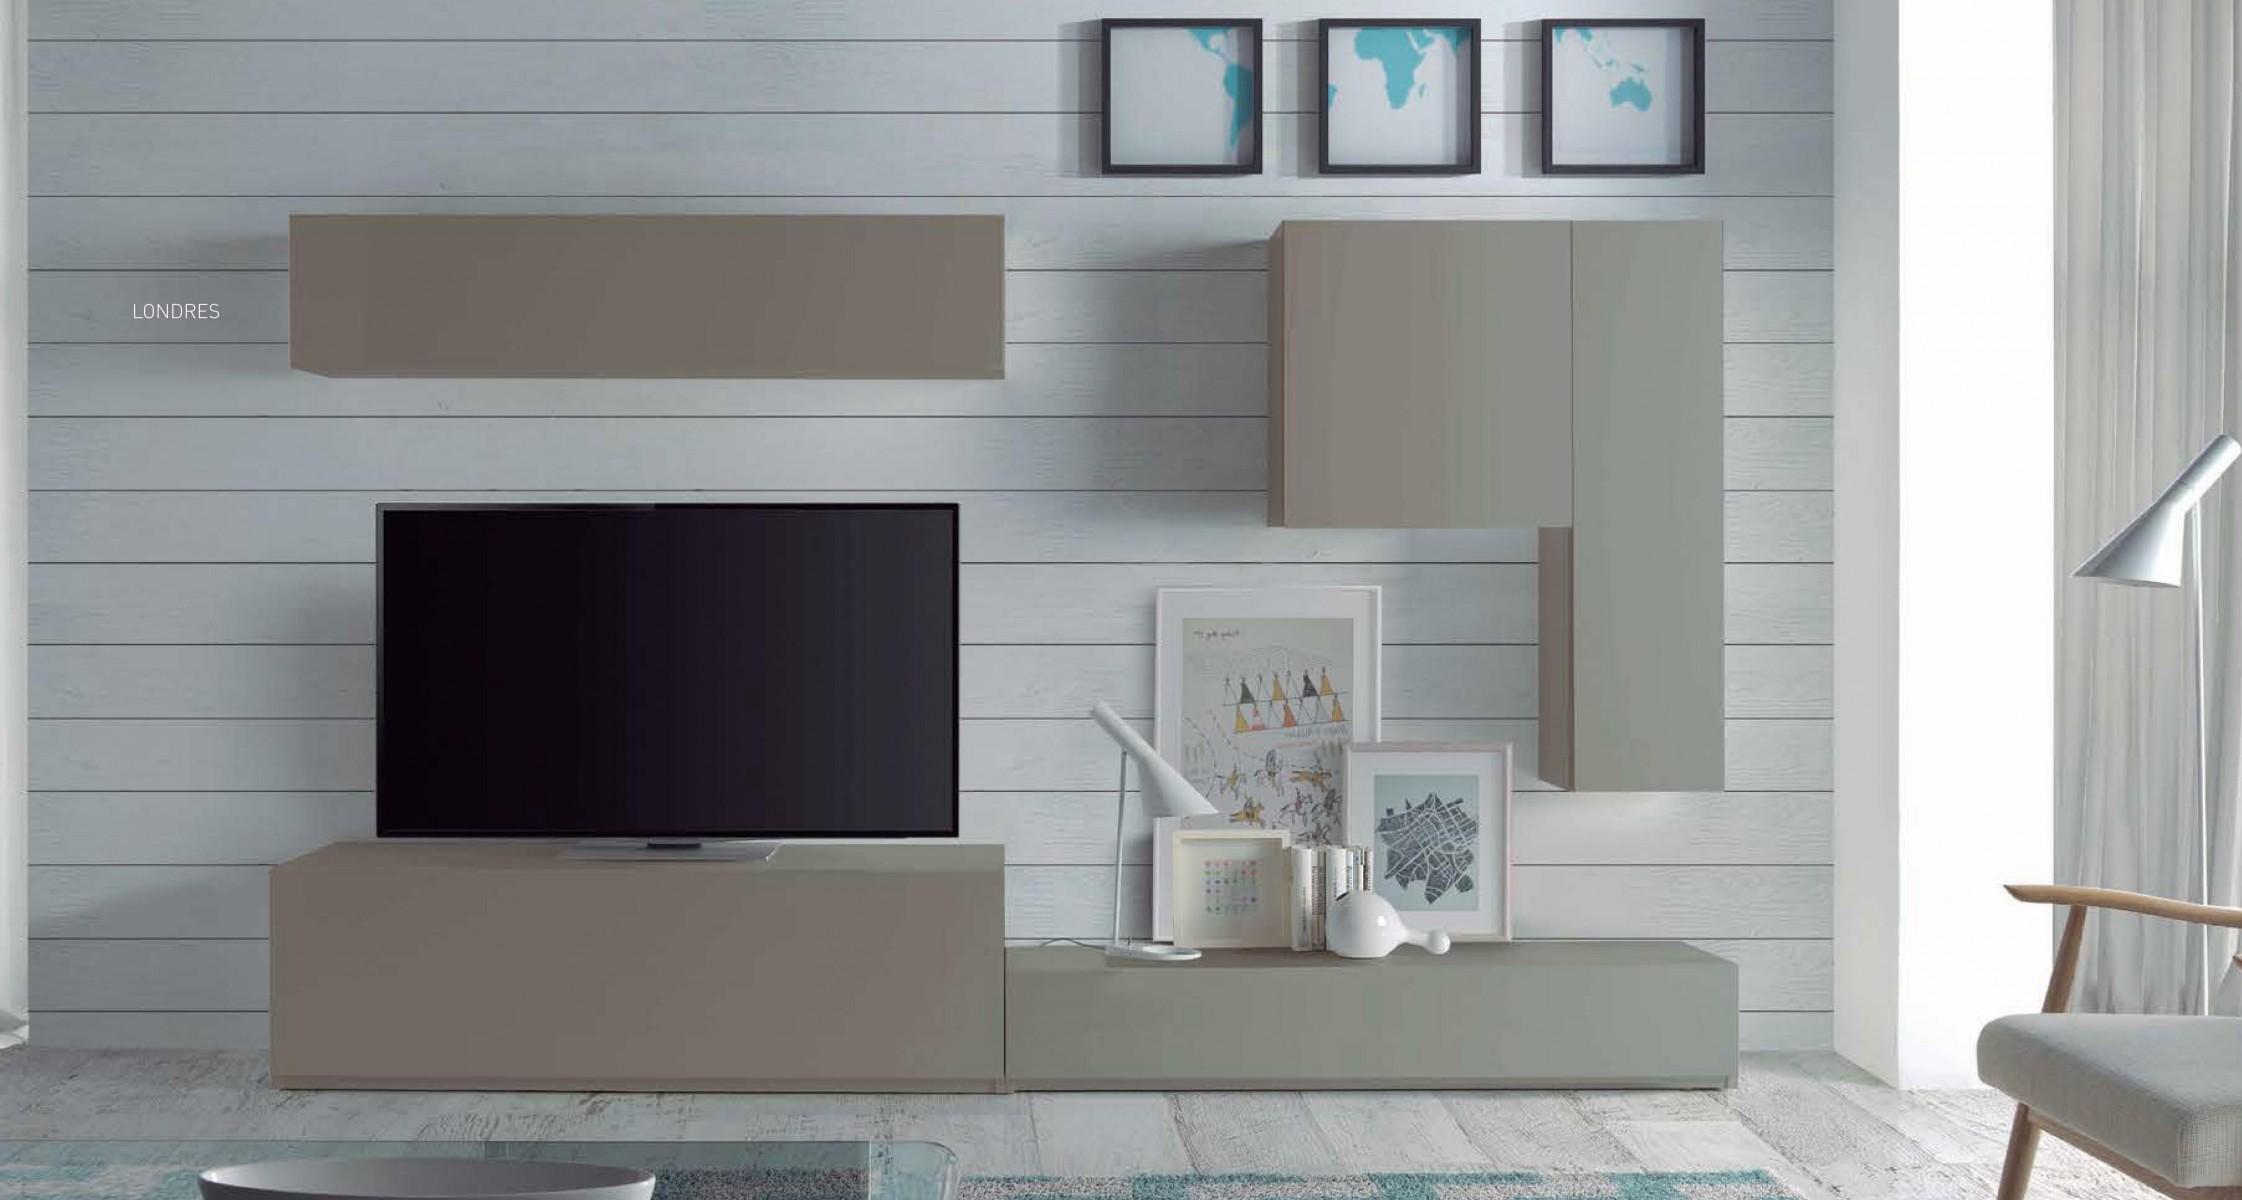 Mueble comedor moderno dise o muebles valencia - Muebles del comedor ...